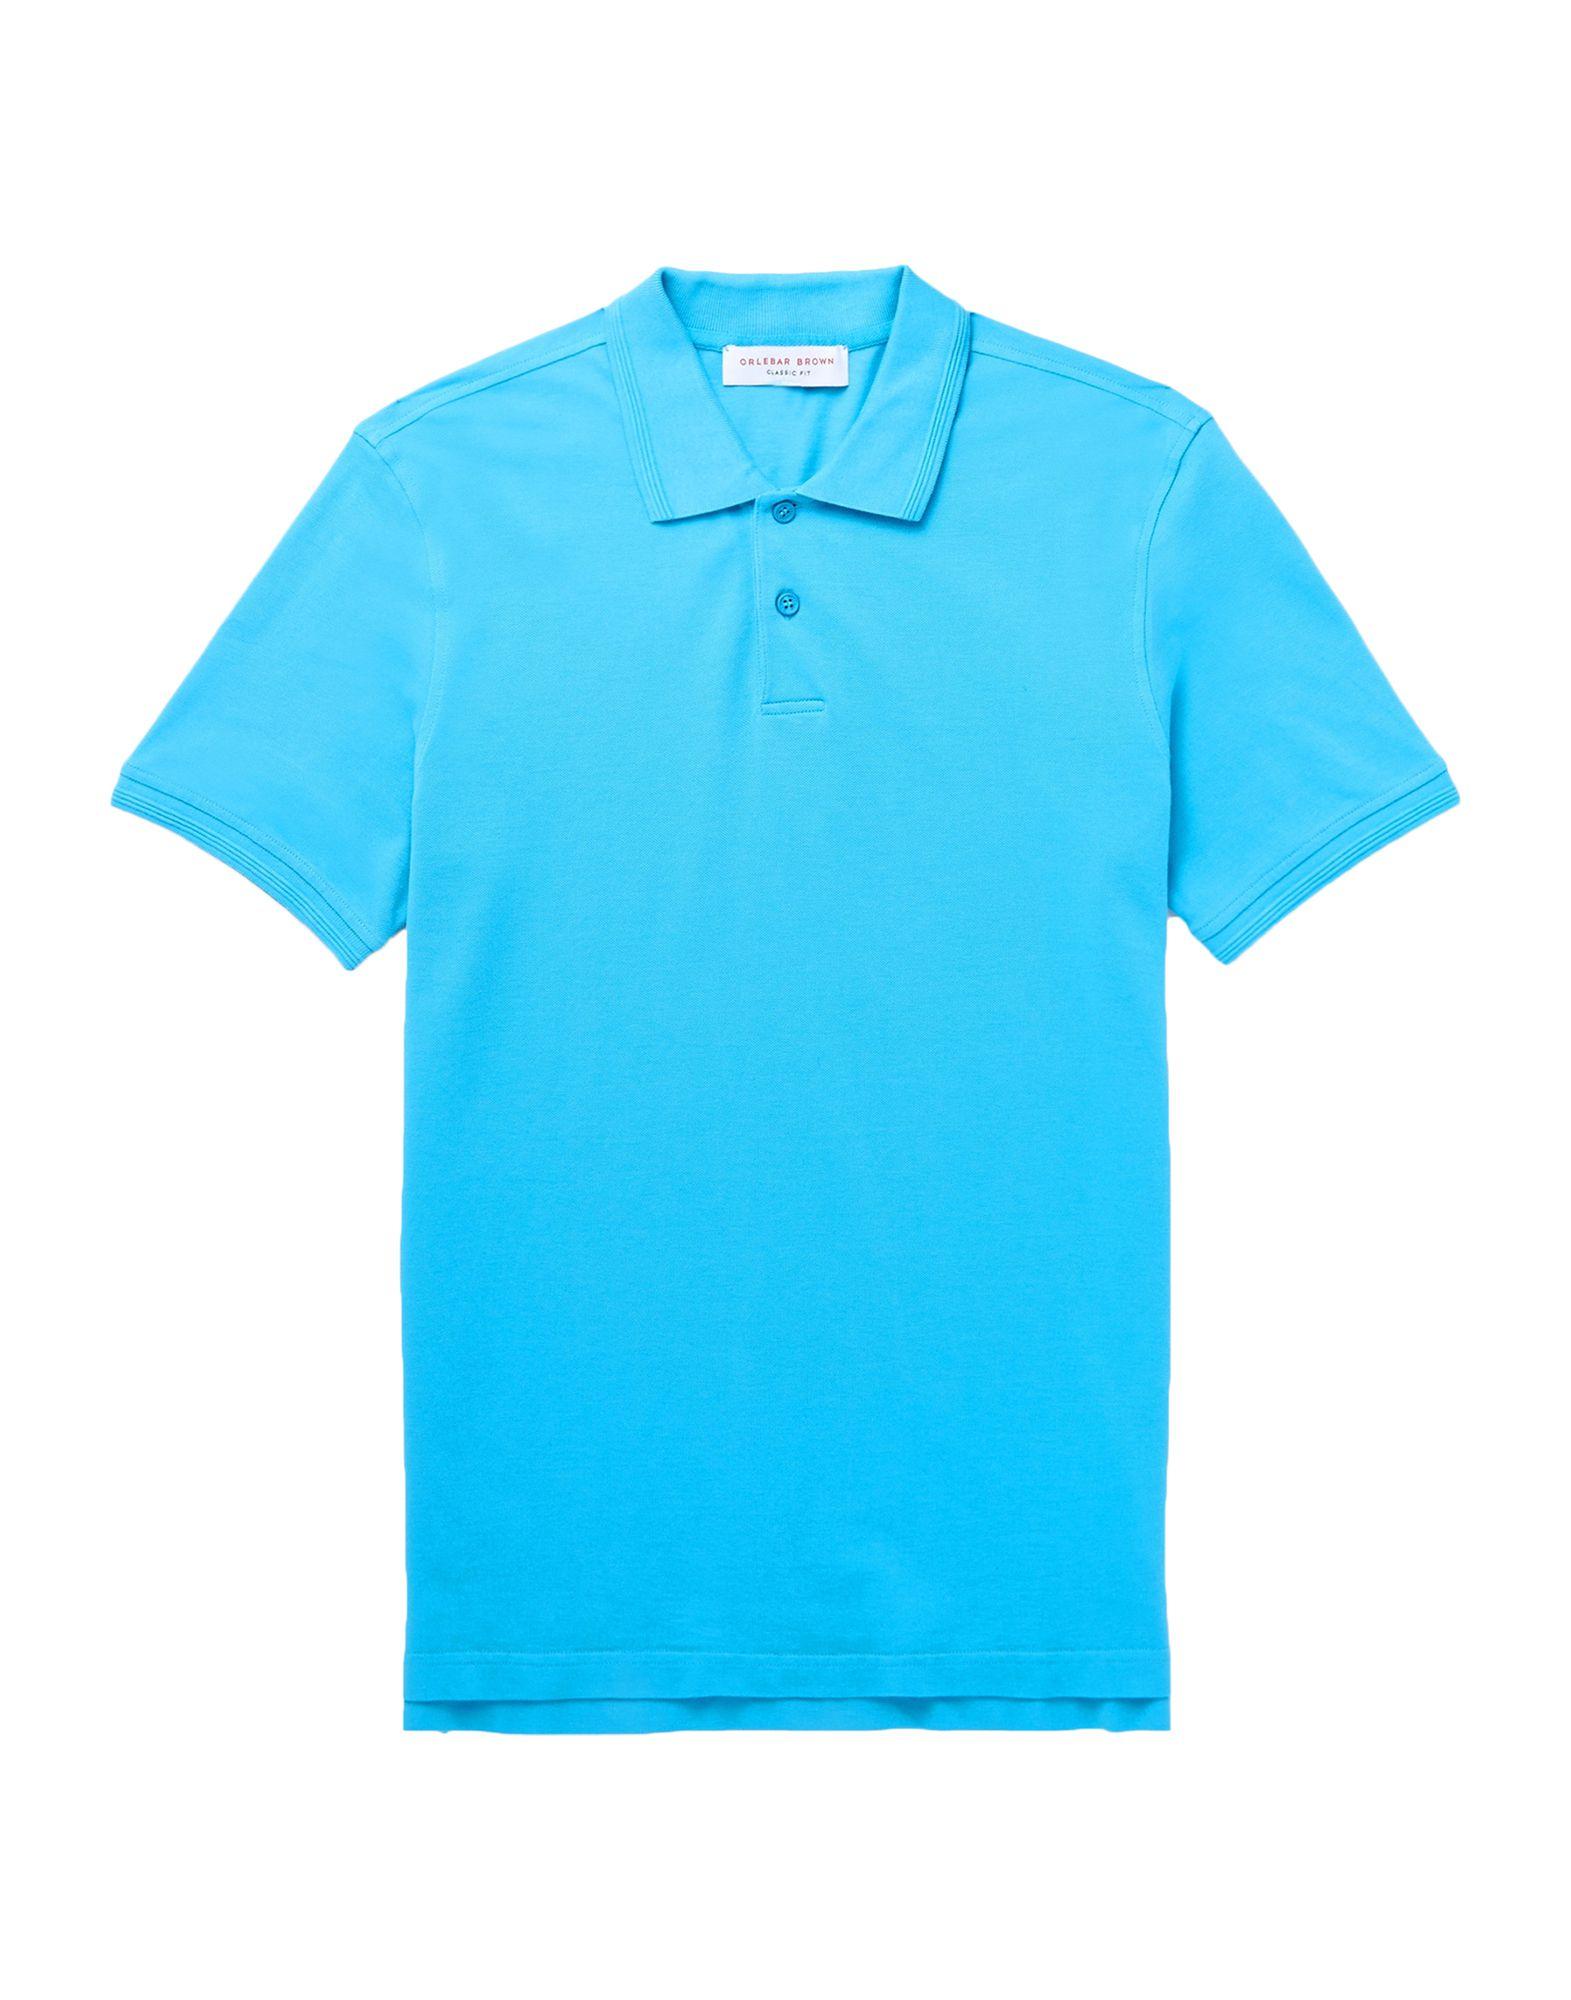 《送料無料》ORLEBAR BROWN メンズ ポロシャツ アジュールブルー S コットン 100%